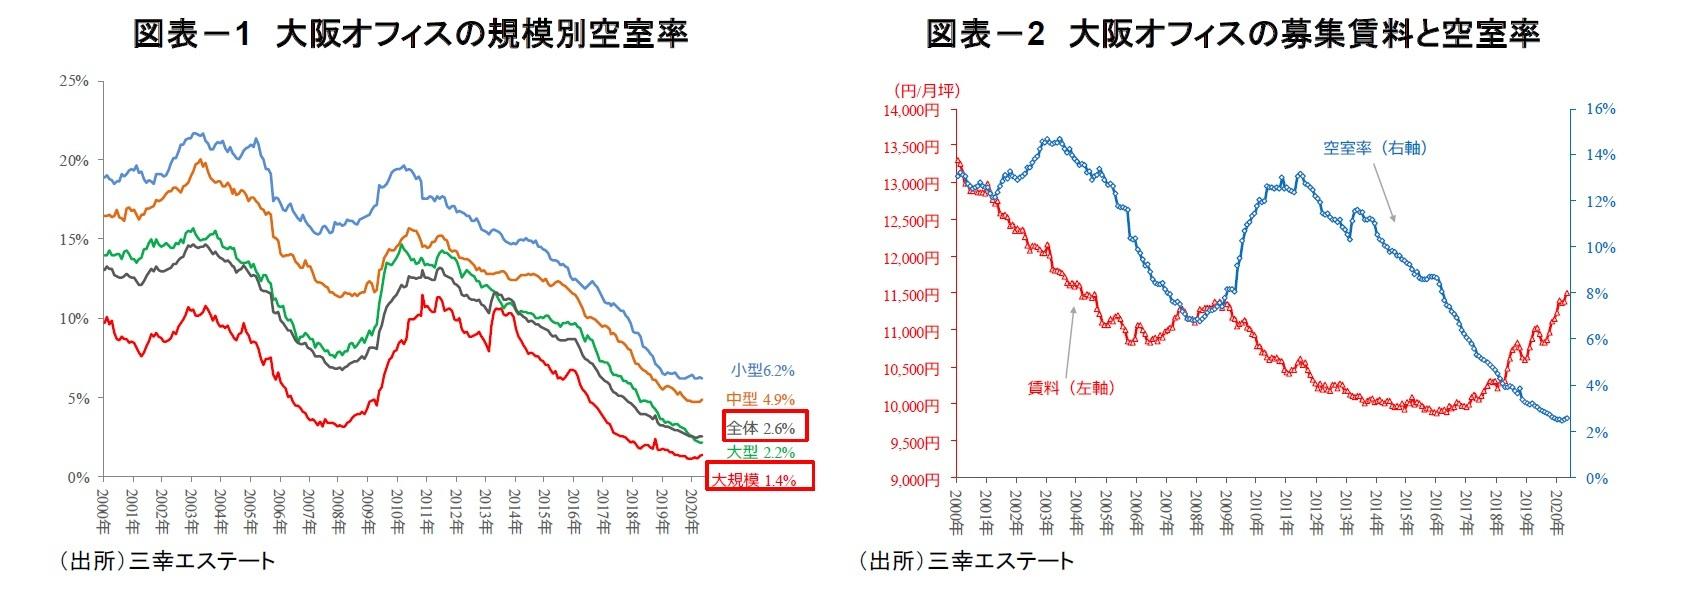 図表-1 大阪オフィスの規模別空室率/図表-2 大阪オフィスの募集賃料と空室率